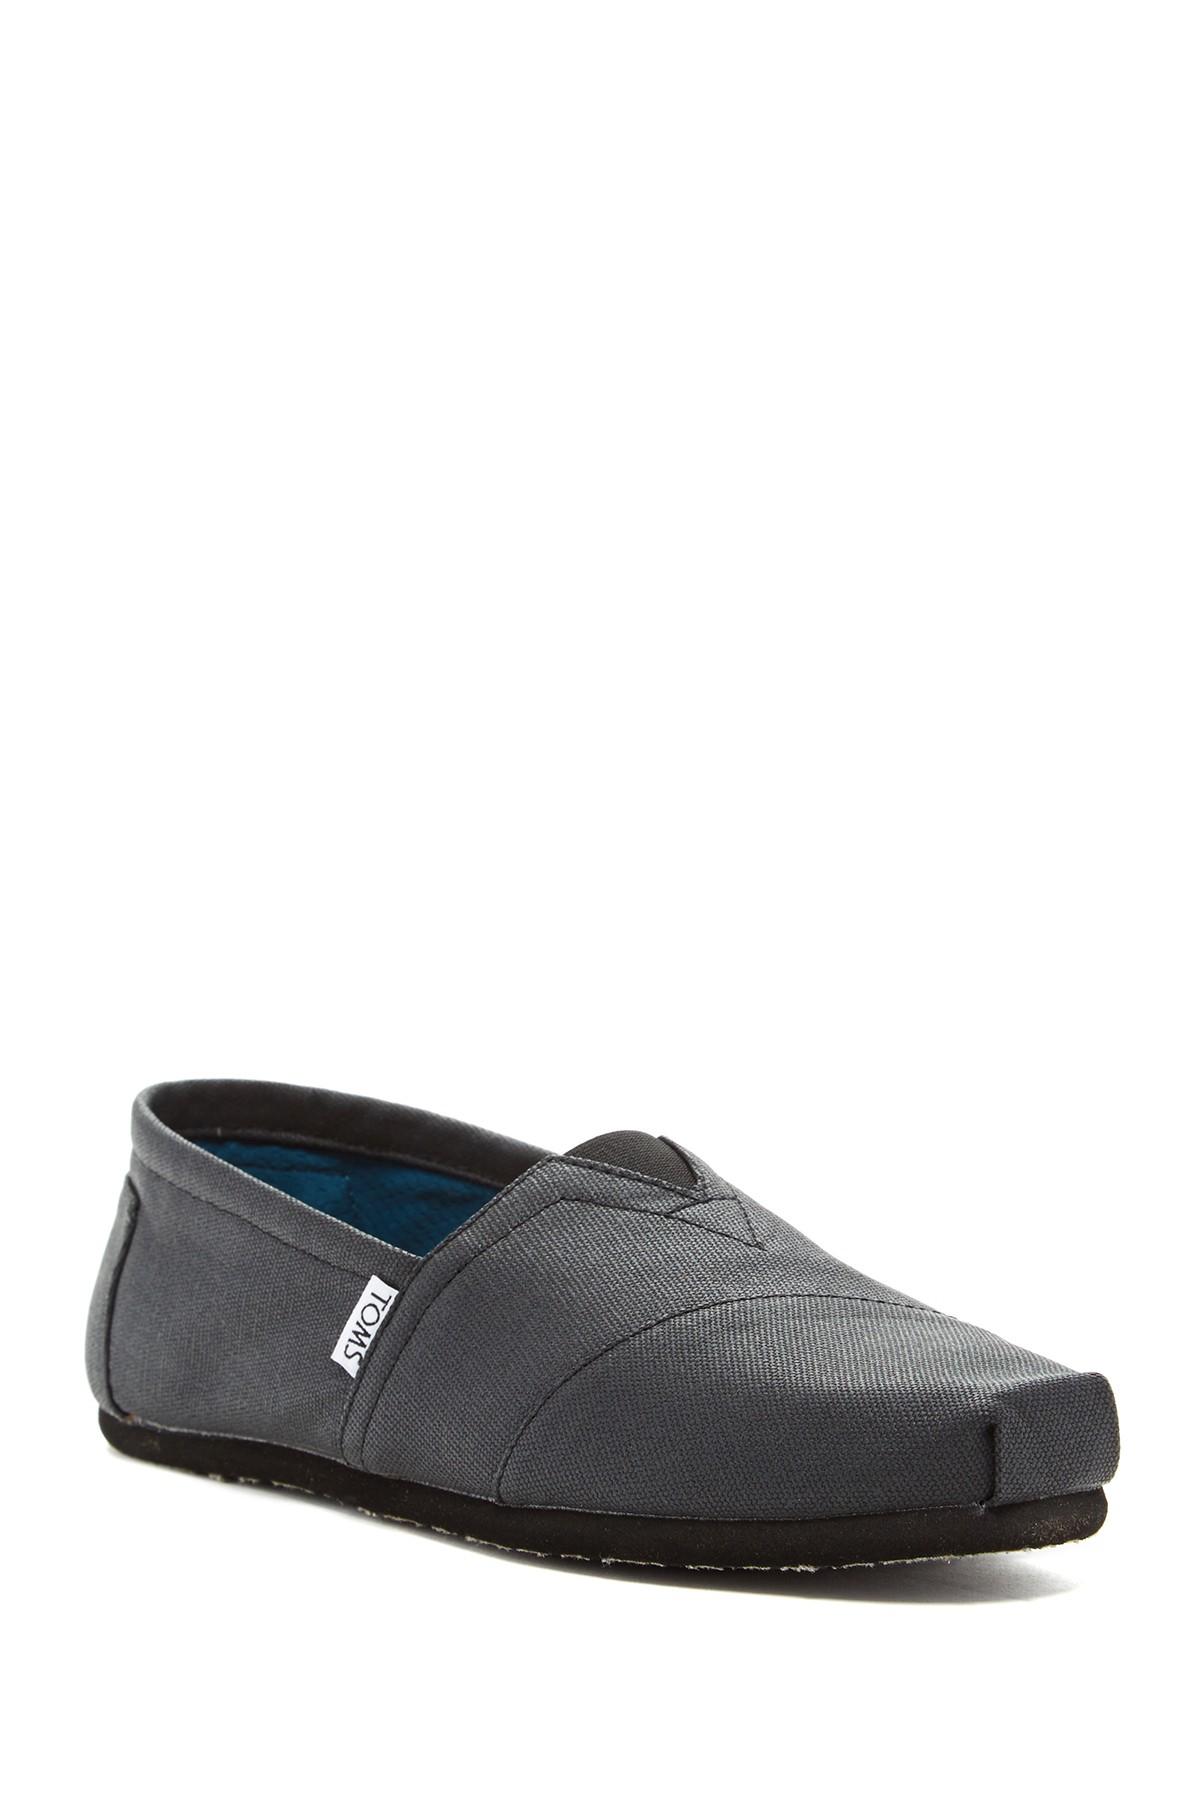 Nordstrom Rack Toms Shoe Men